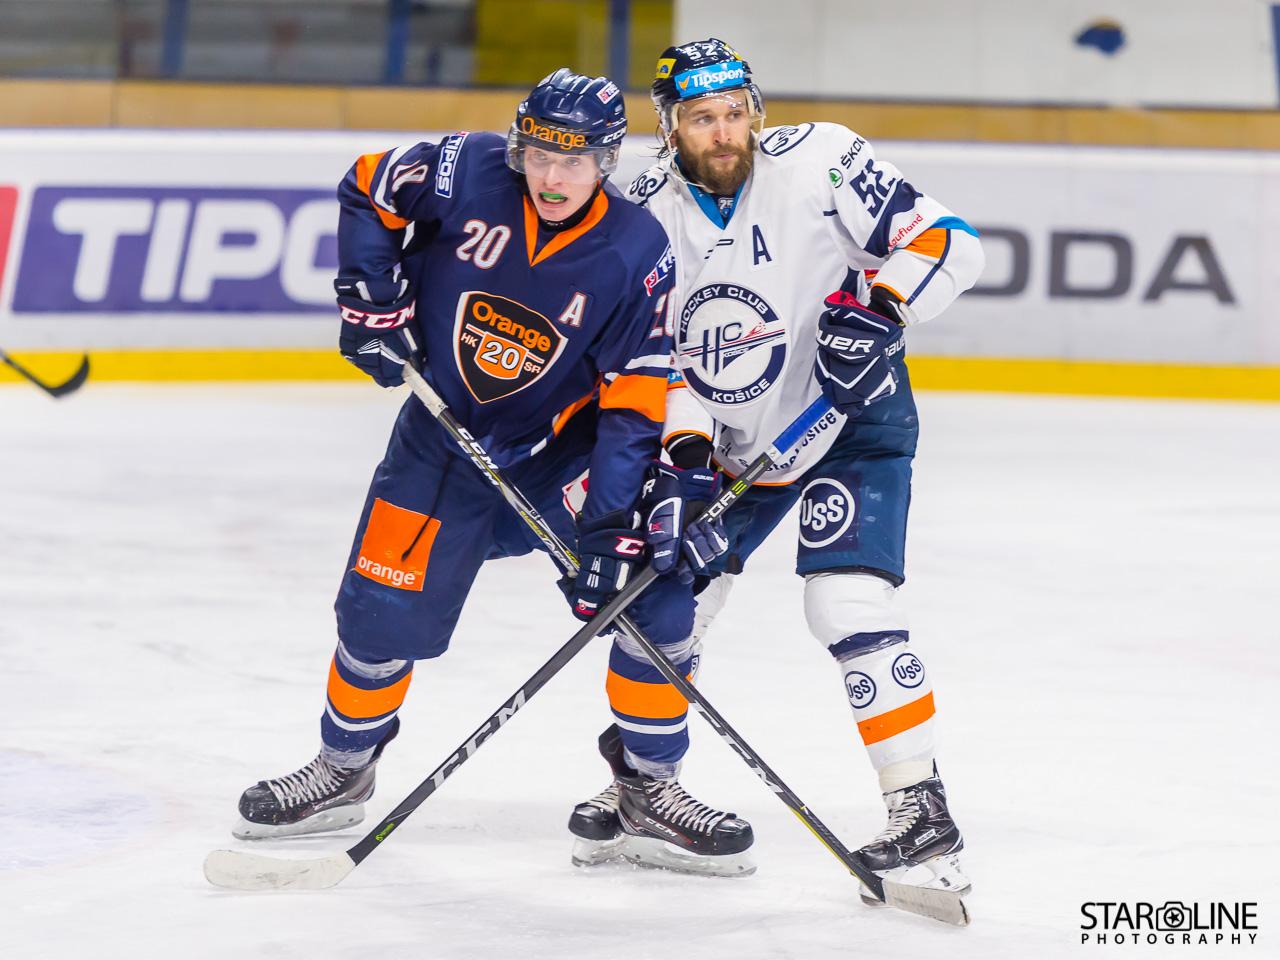 Hokejový zápas HK Orange 20 – HC Košice